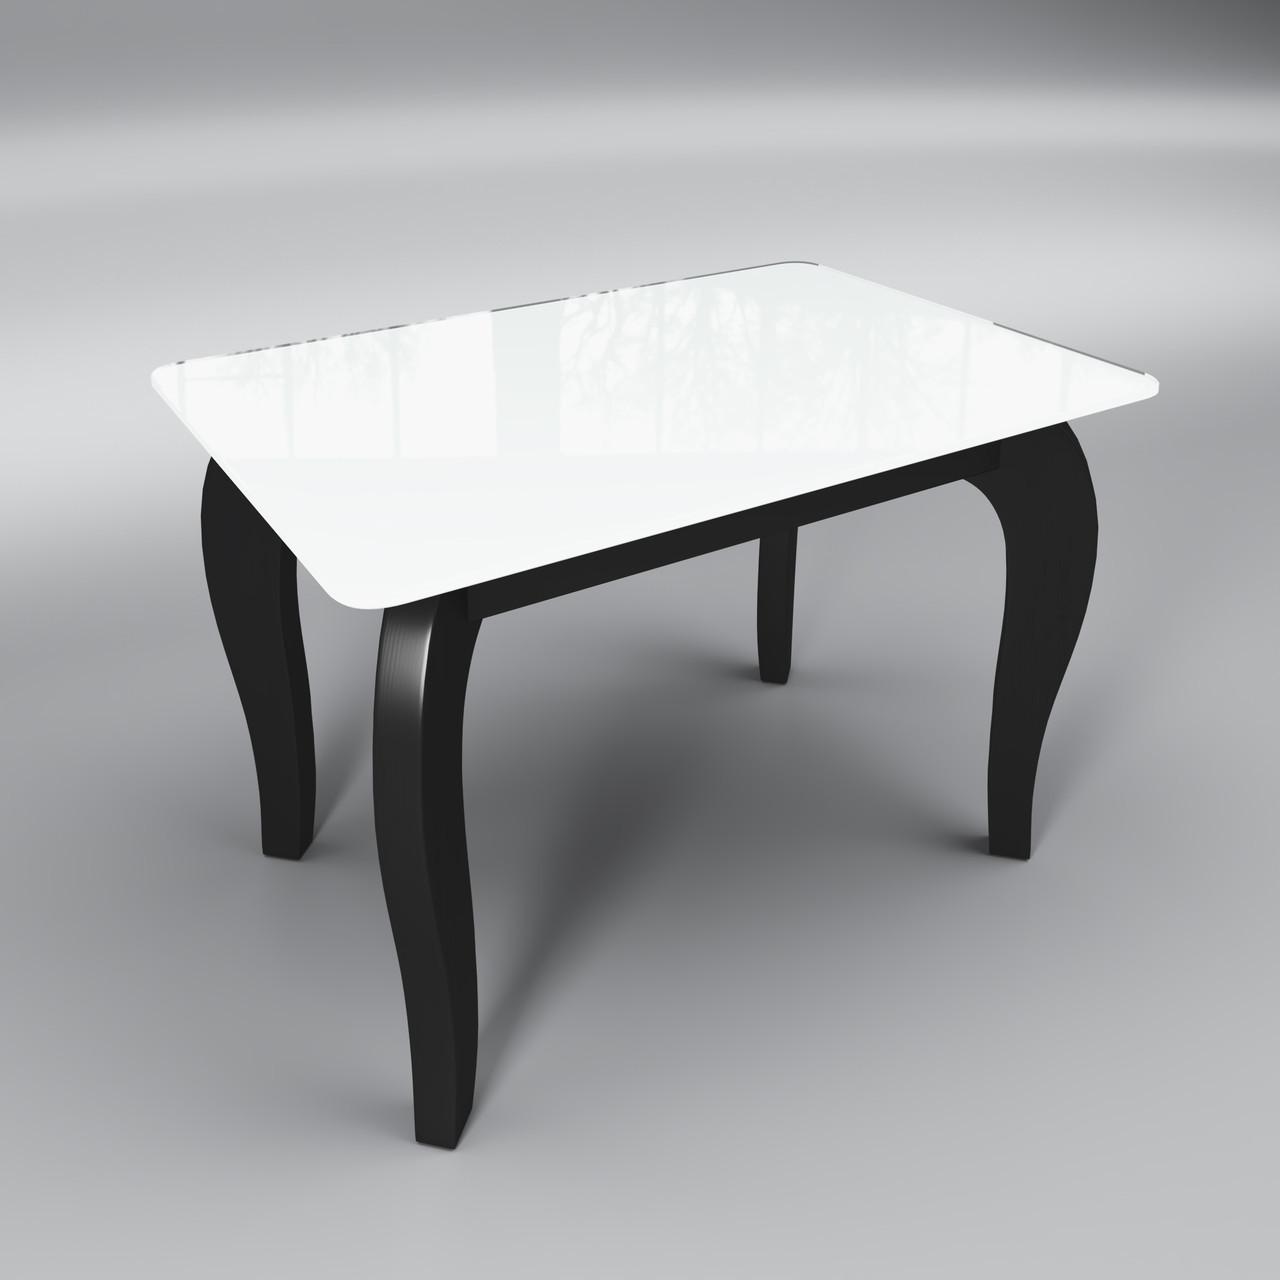 Журнальный стеклянный стол Император мини бело-черный